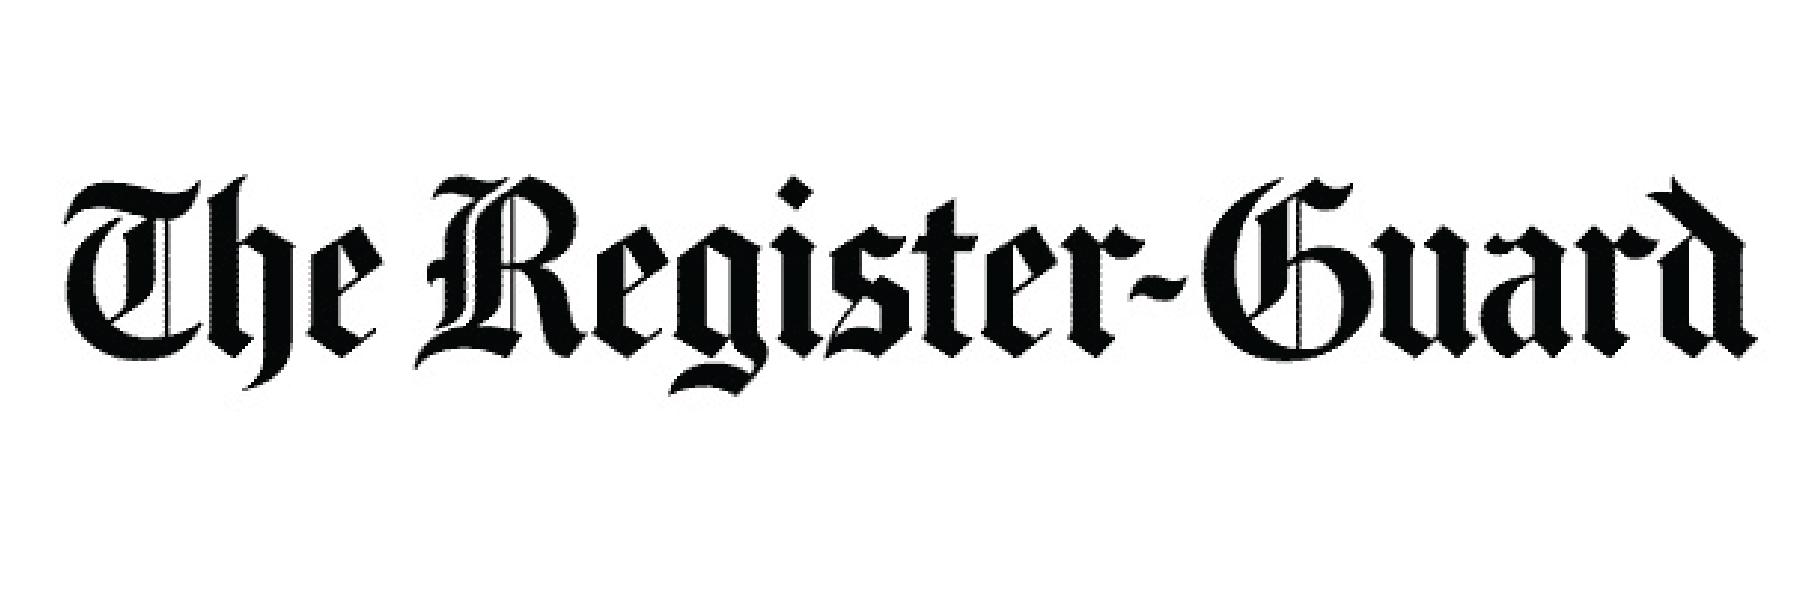 Register Guard_v.png